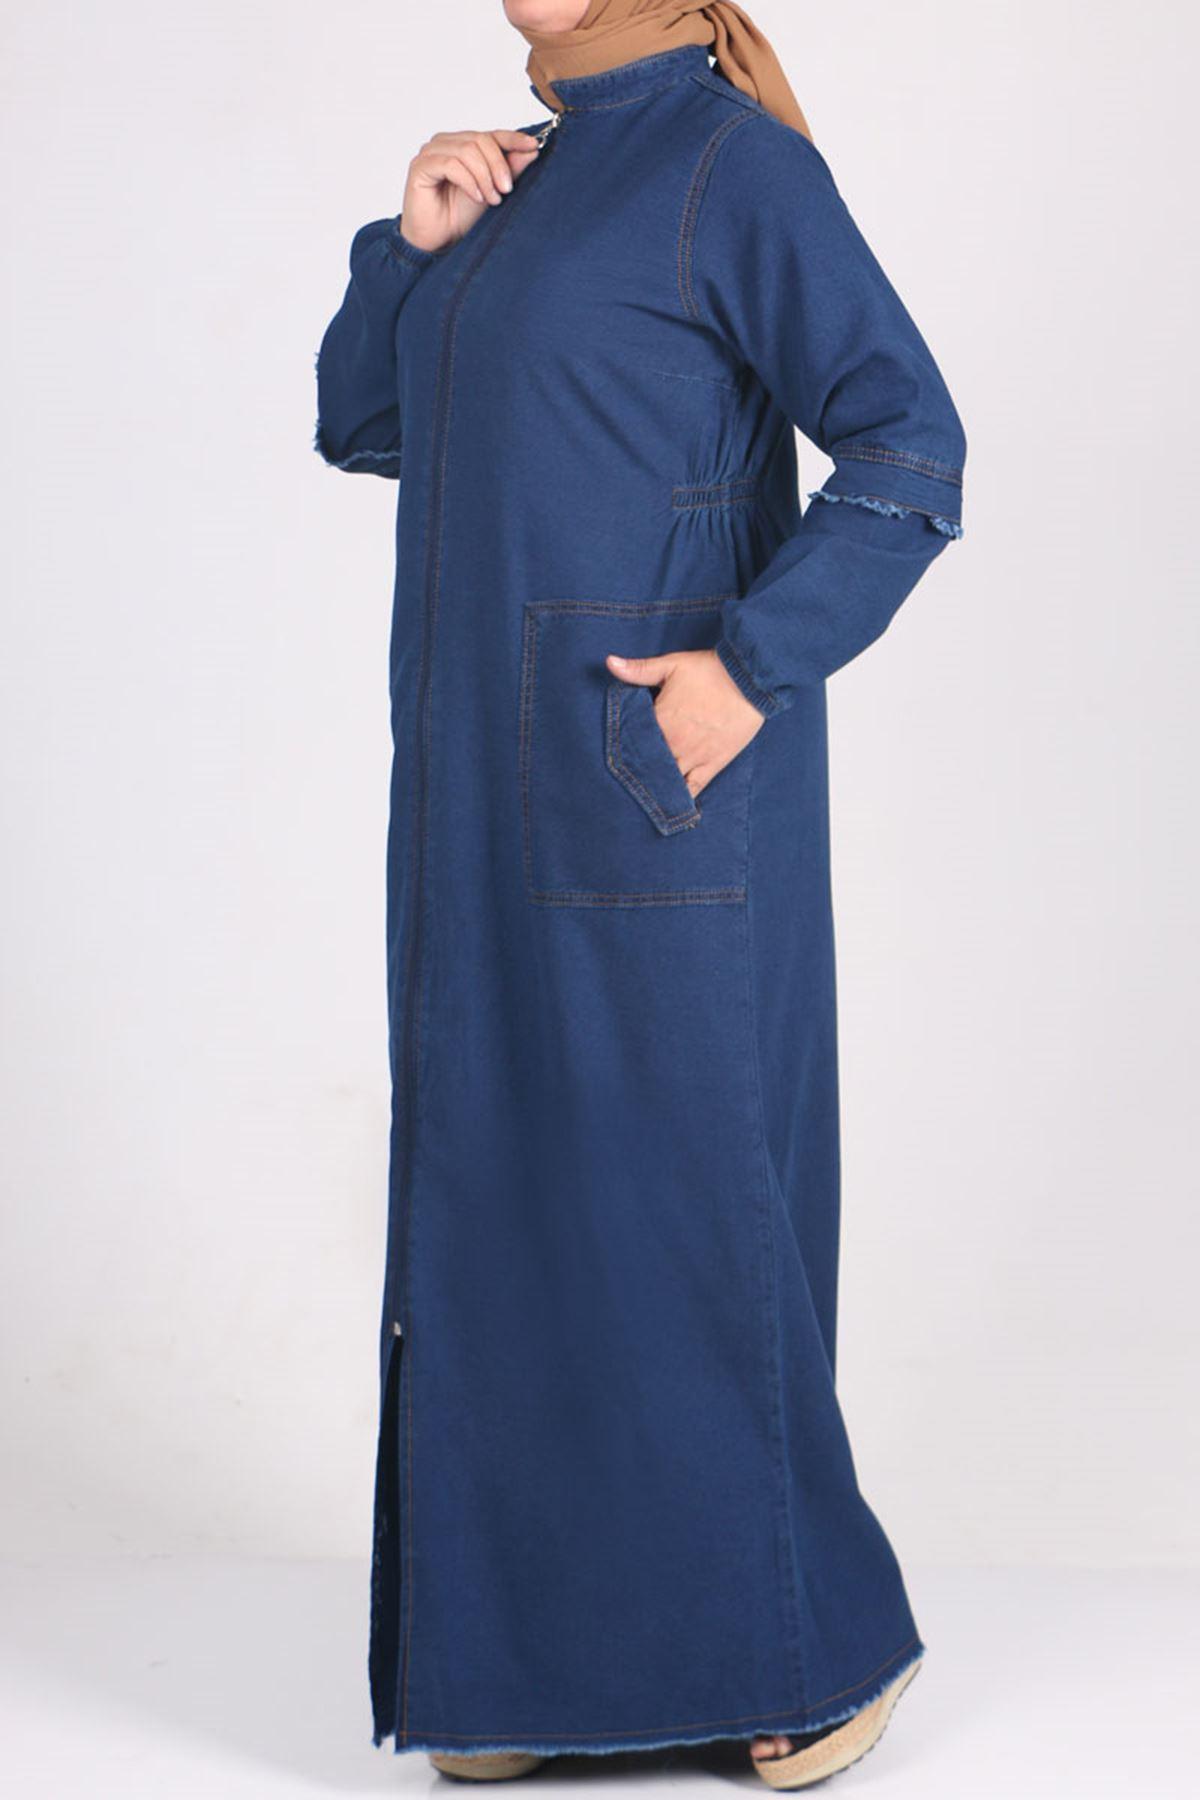 6043 Büyük Beden Fermuarlı ve Altı Püsküllü Kot Ferace - Koyu Mavi